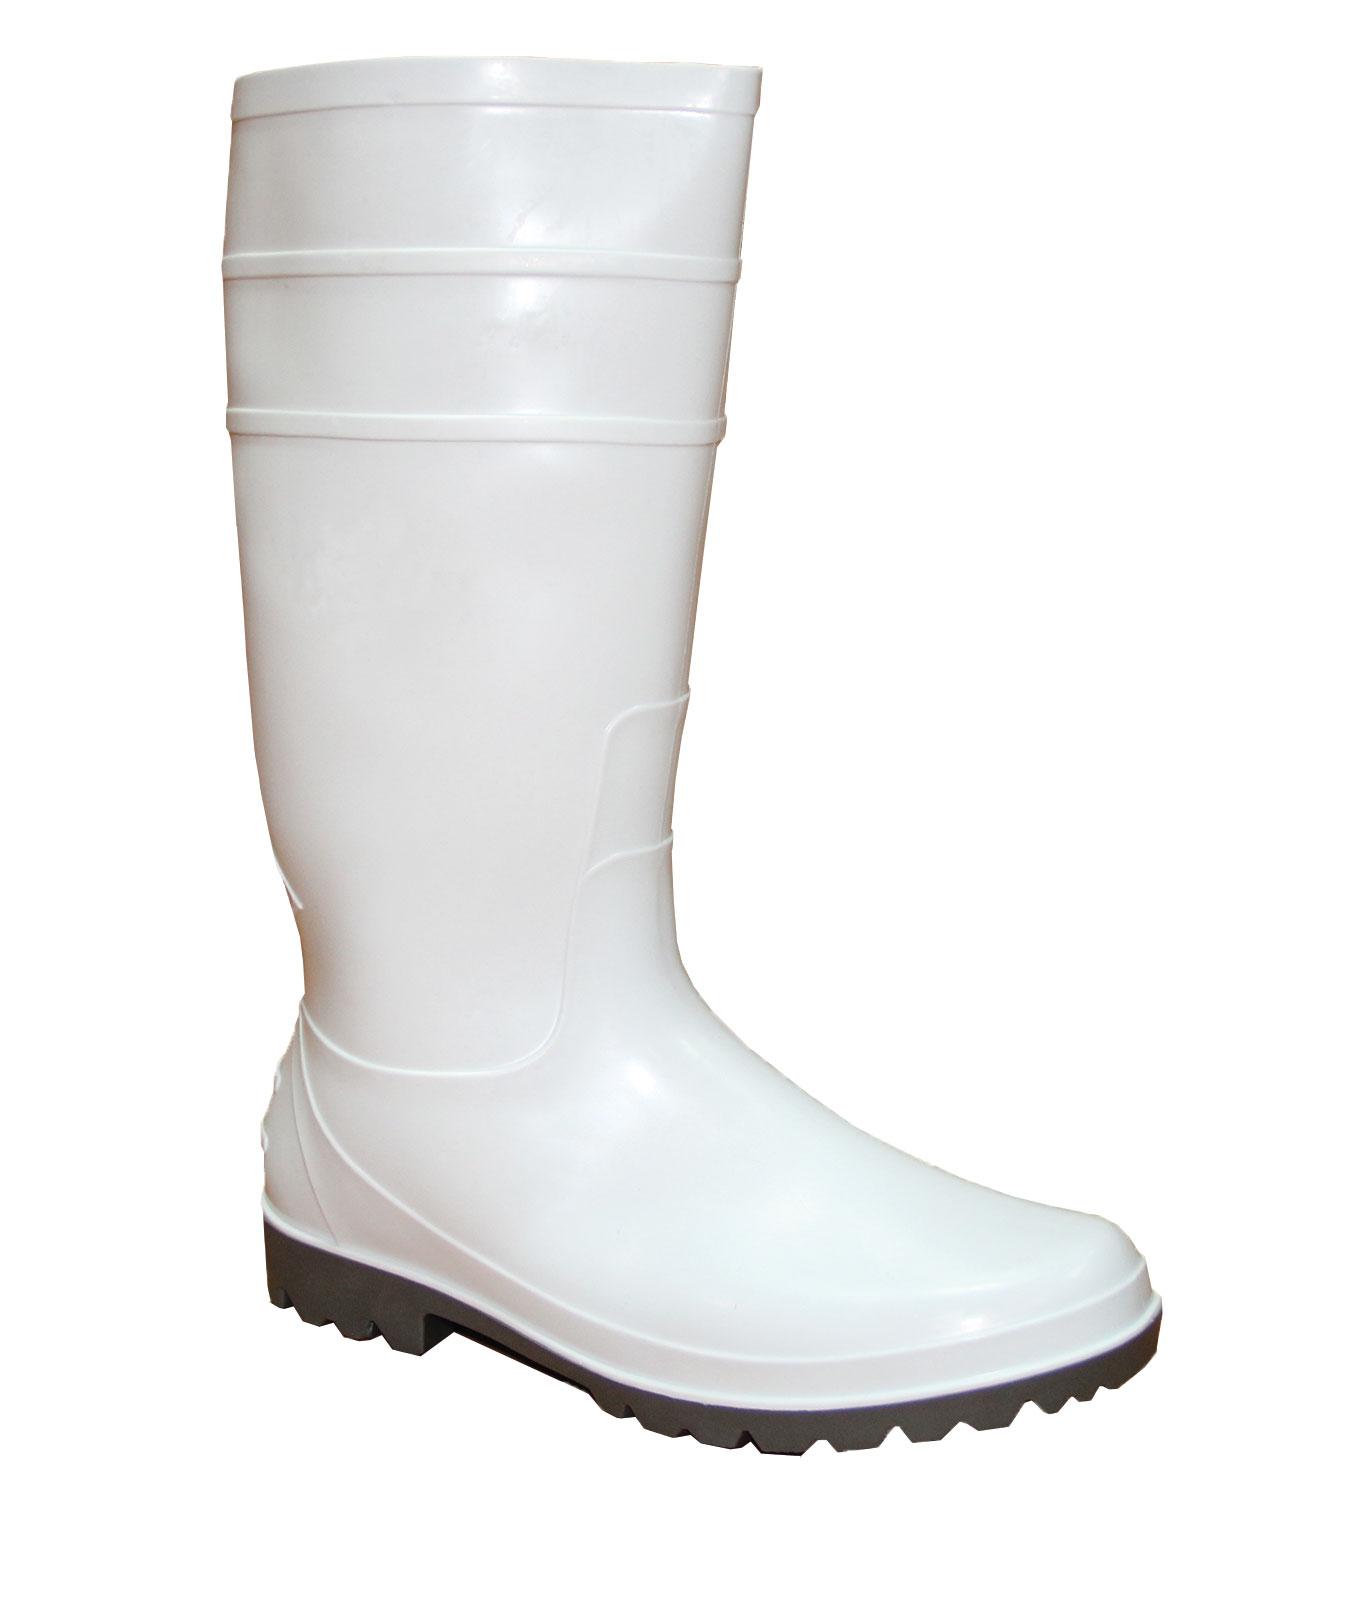 bota-lefki-2-13